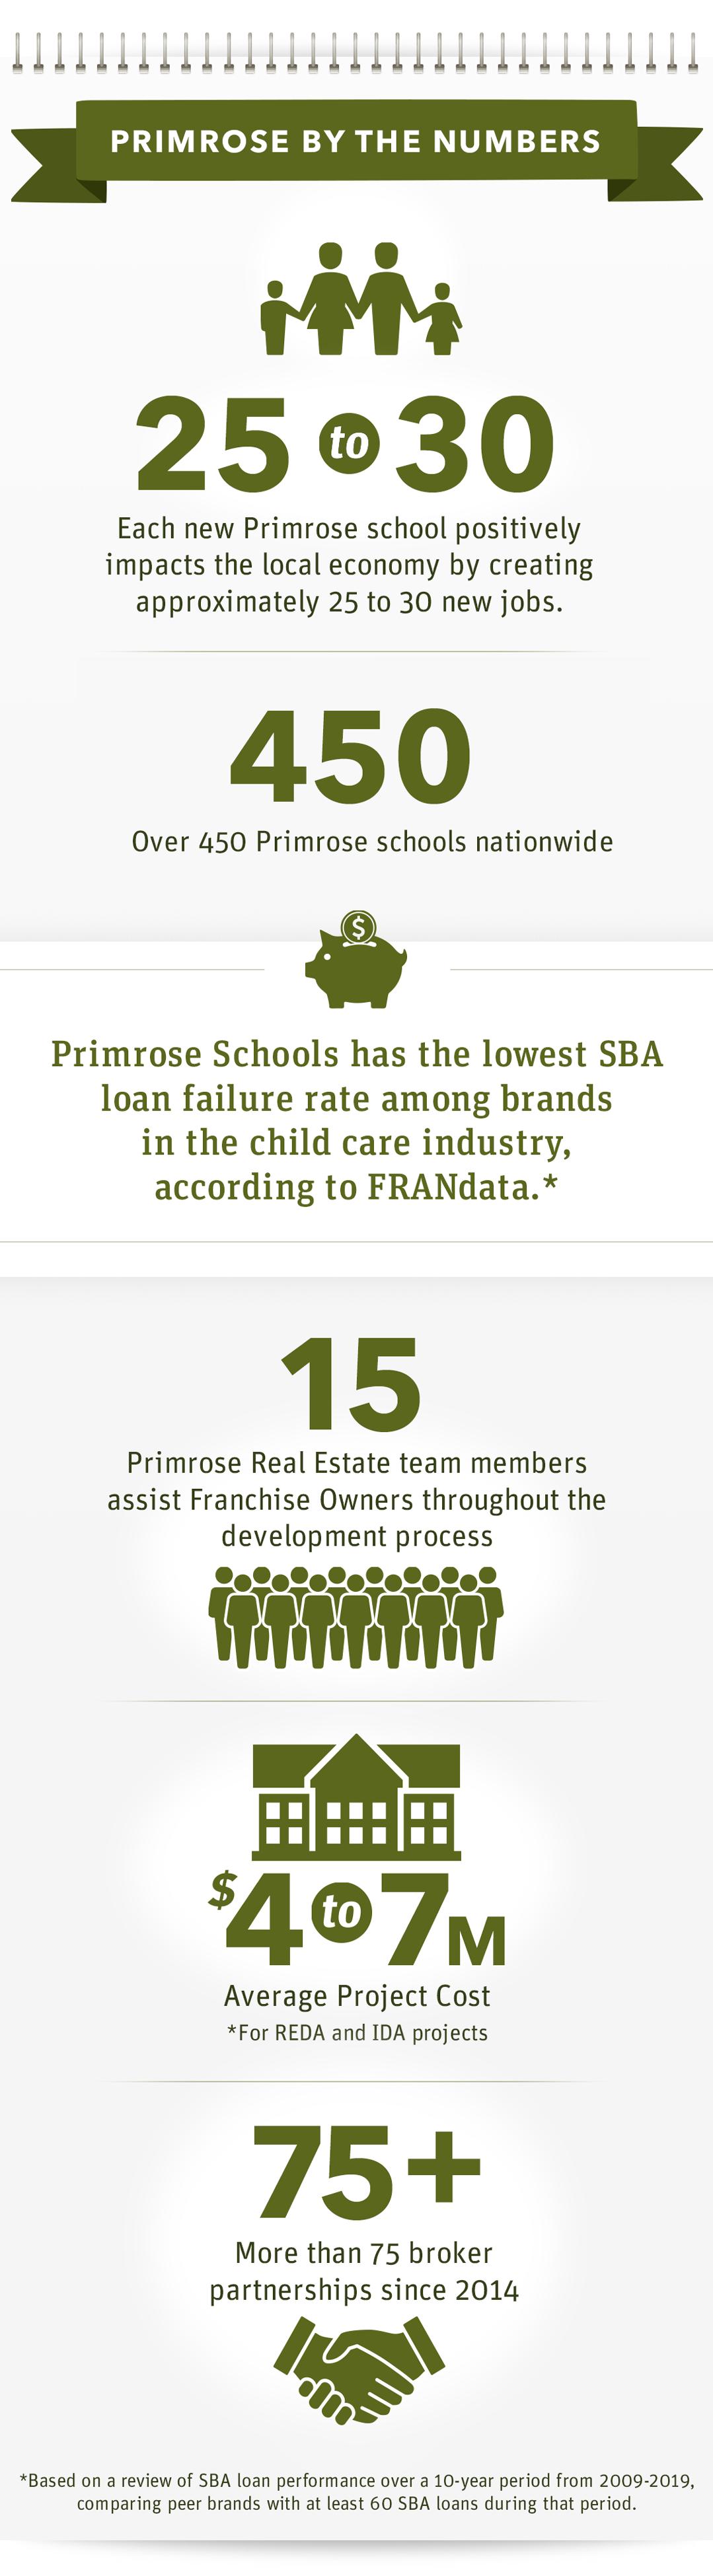 Primrose real estate statistics infographic.